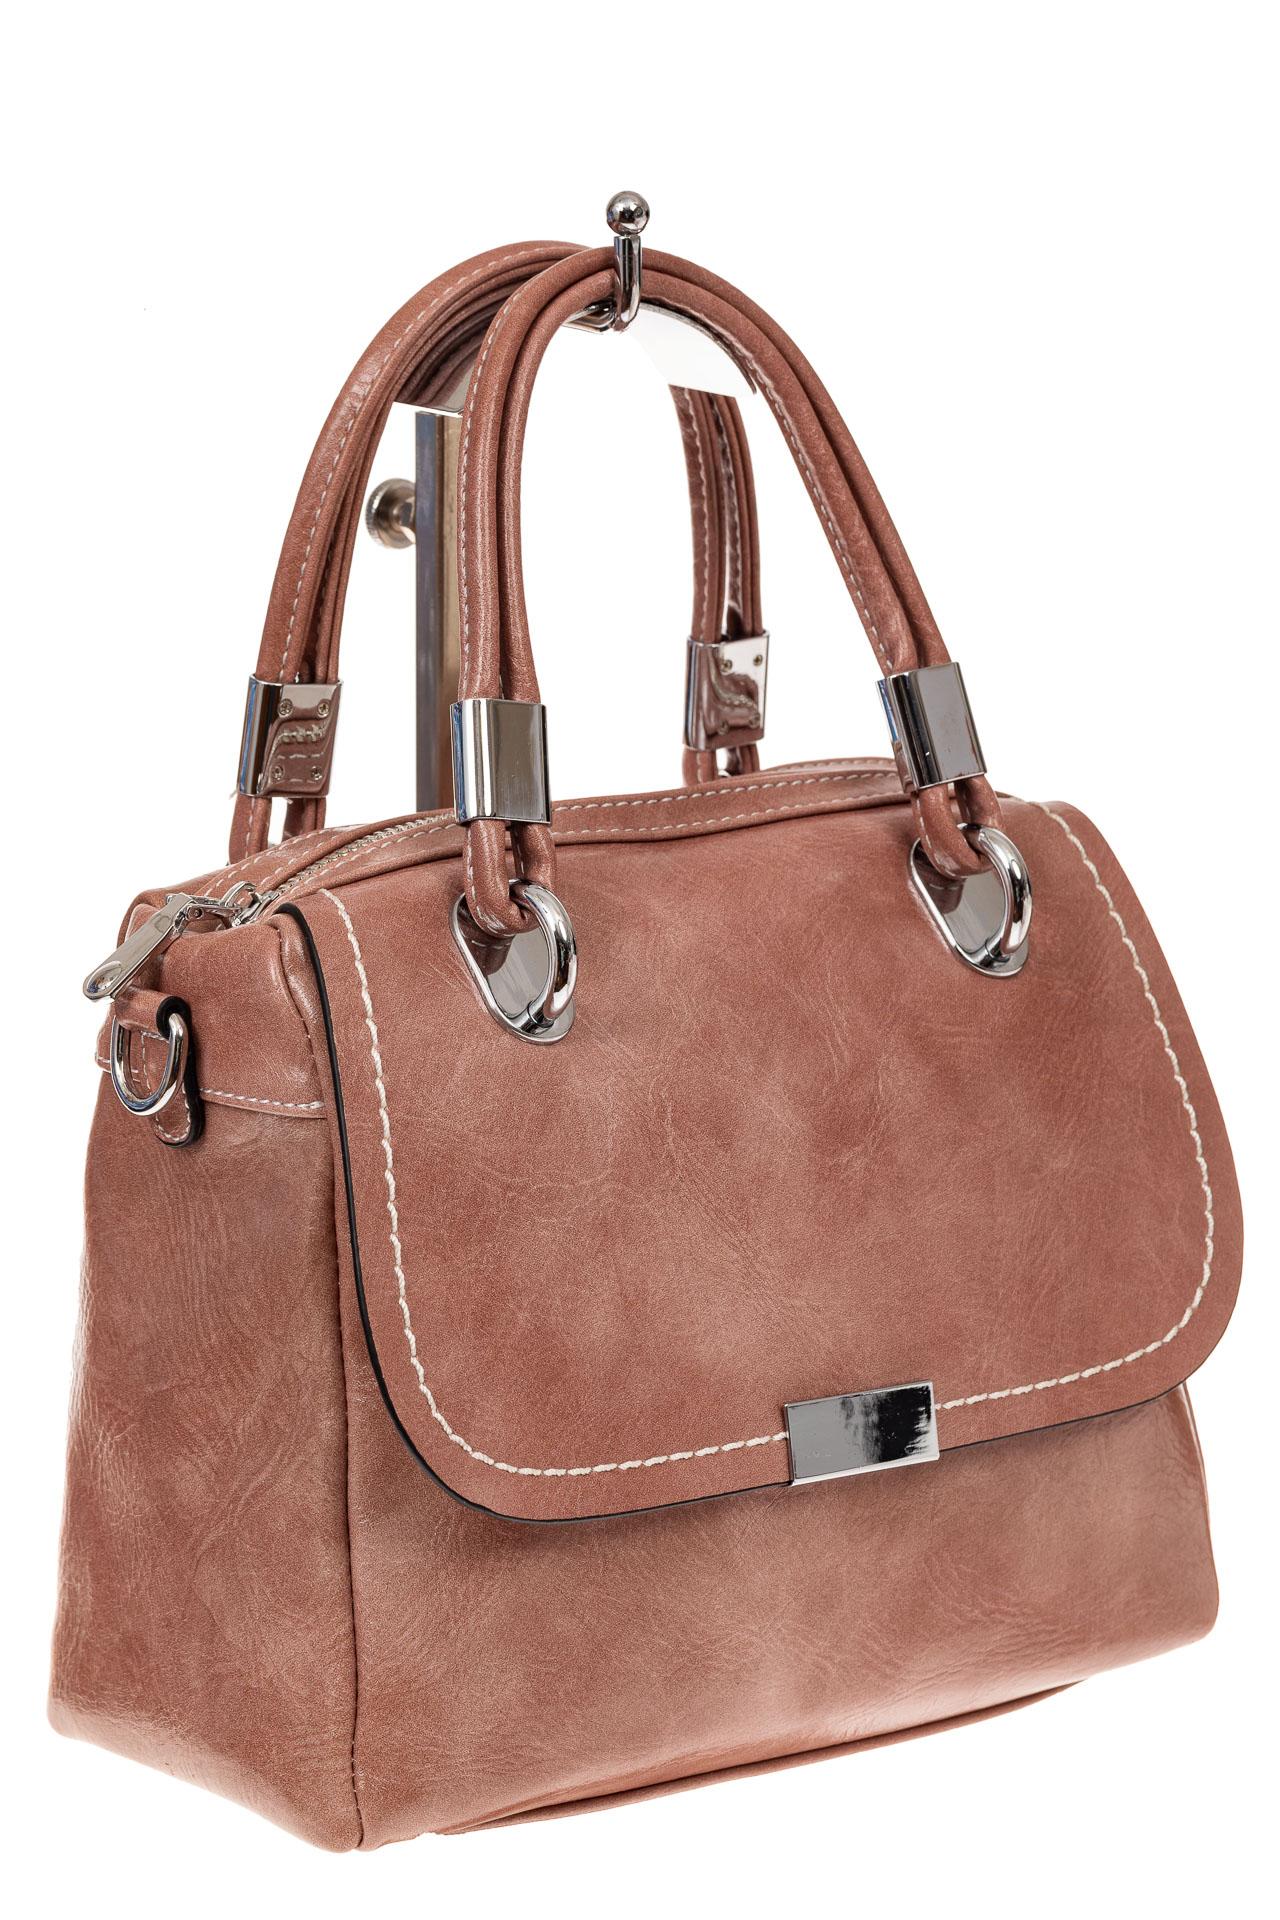 Летняя женская сумка из искусственной кожи, цвет пудра9251PM5/16